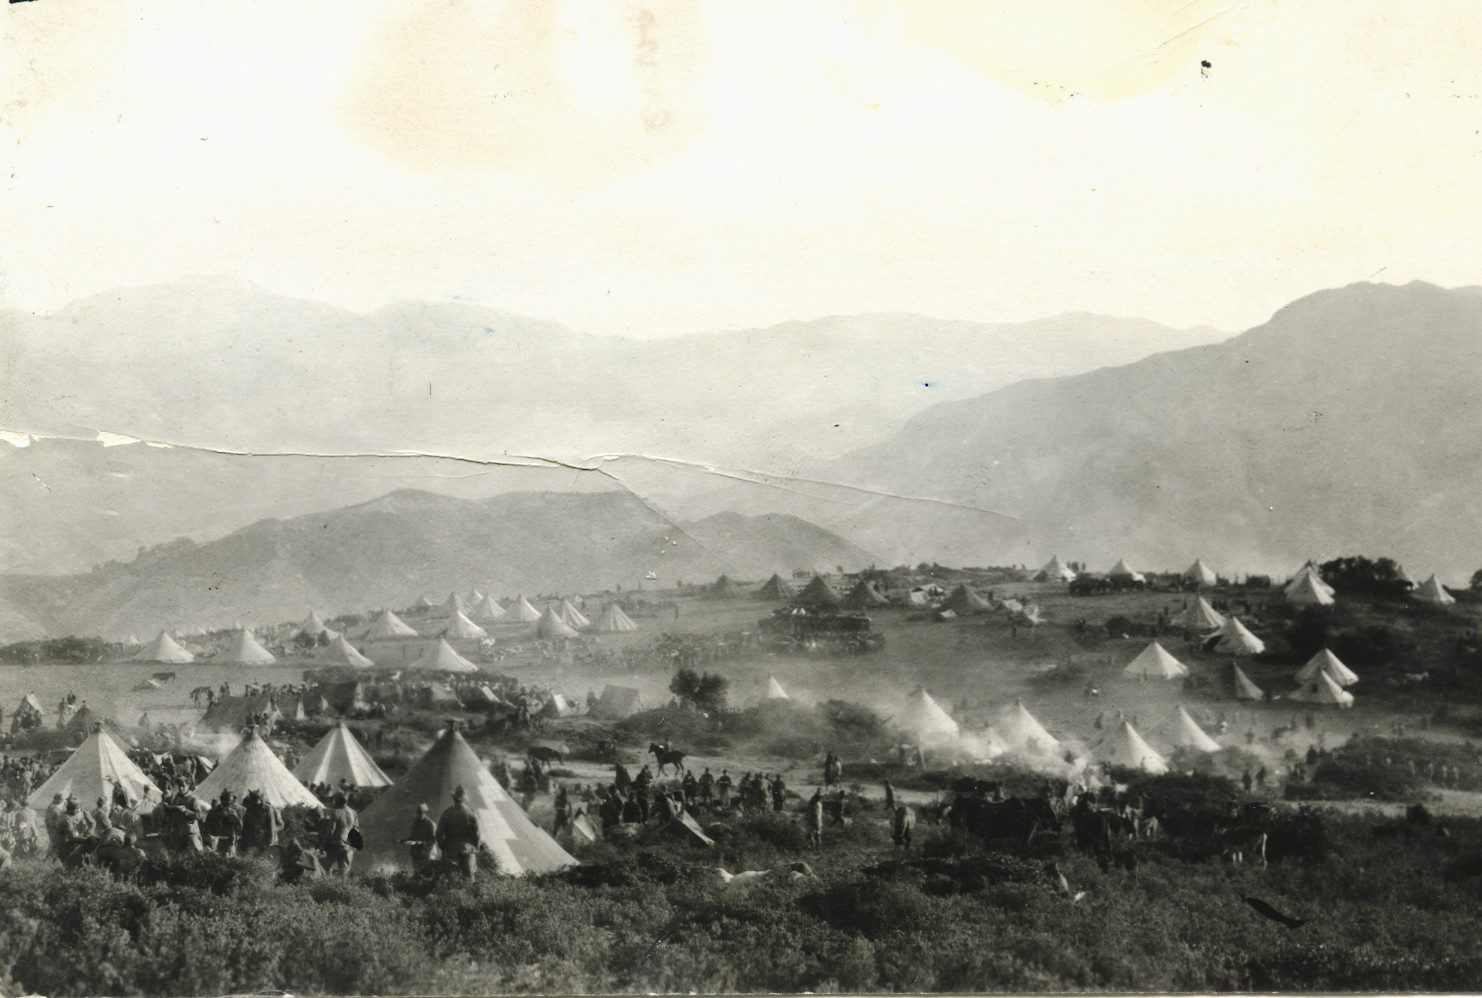 Vista general del campamento de Annual publicada en el ABC a 31-12-1920, fotografía de Salvador Zarco.